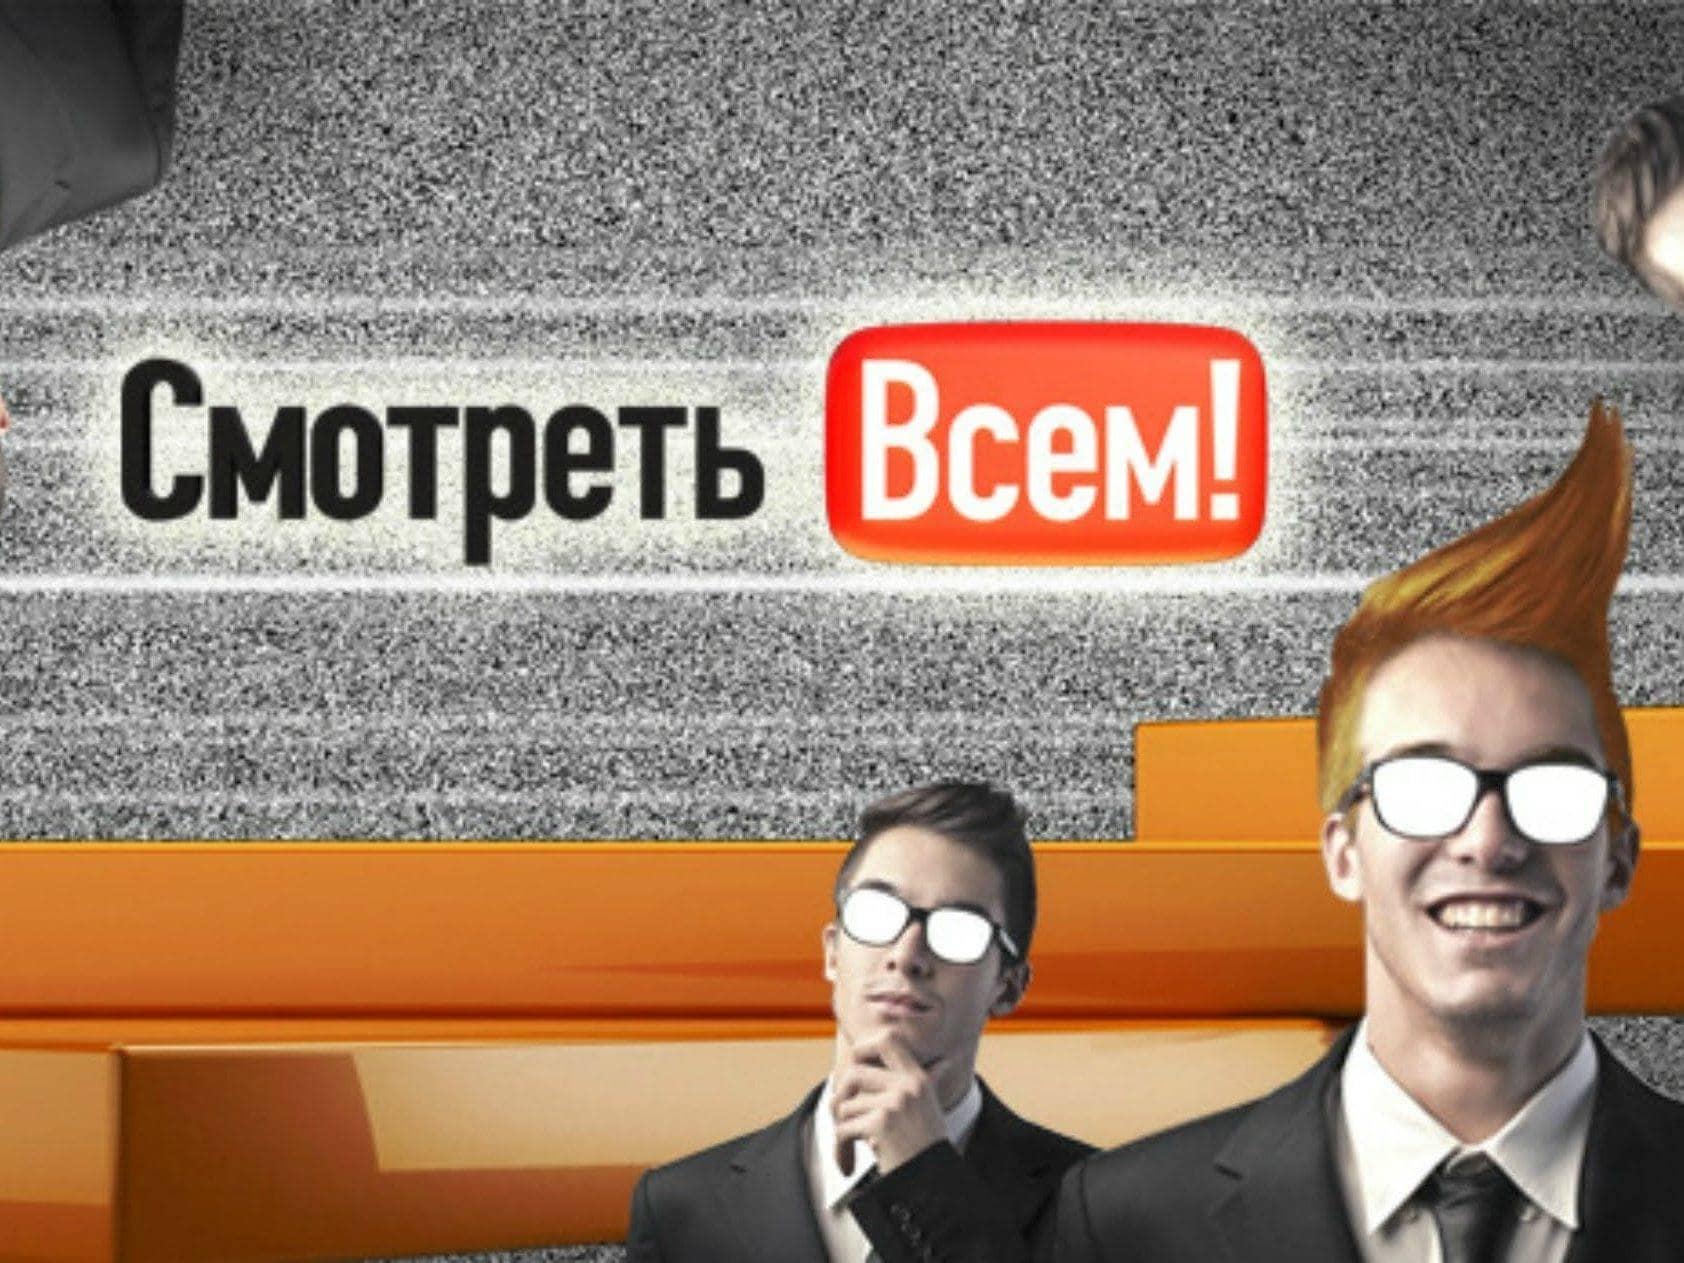 Смотреть всем! 397 серия в 21:49 на канале РЕН ТВ